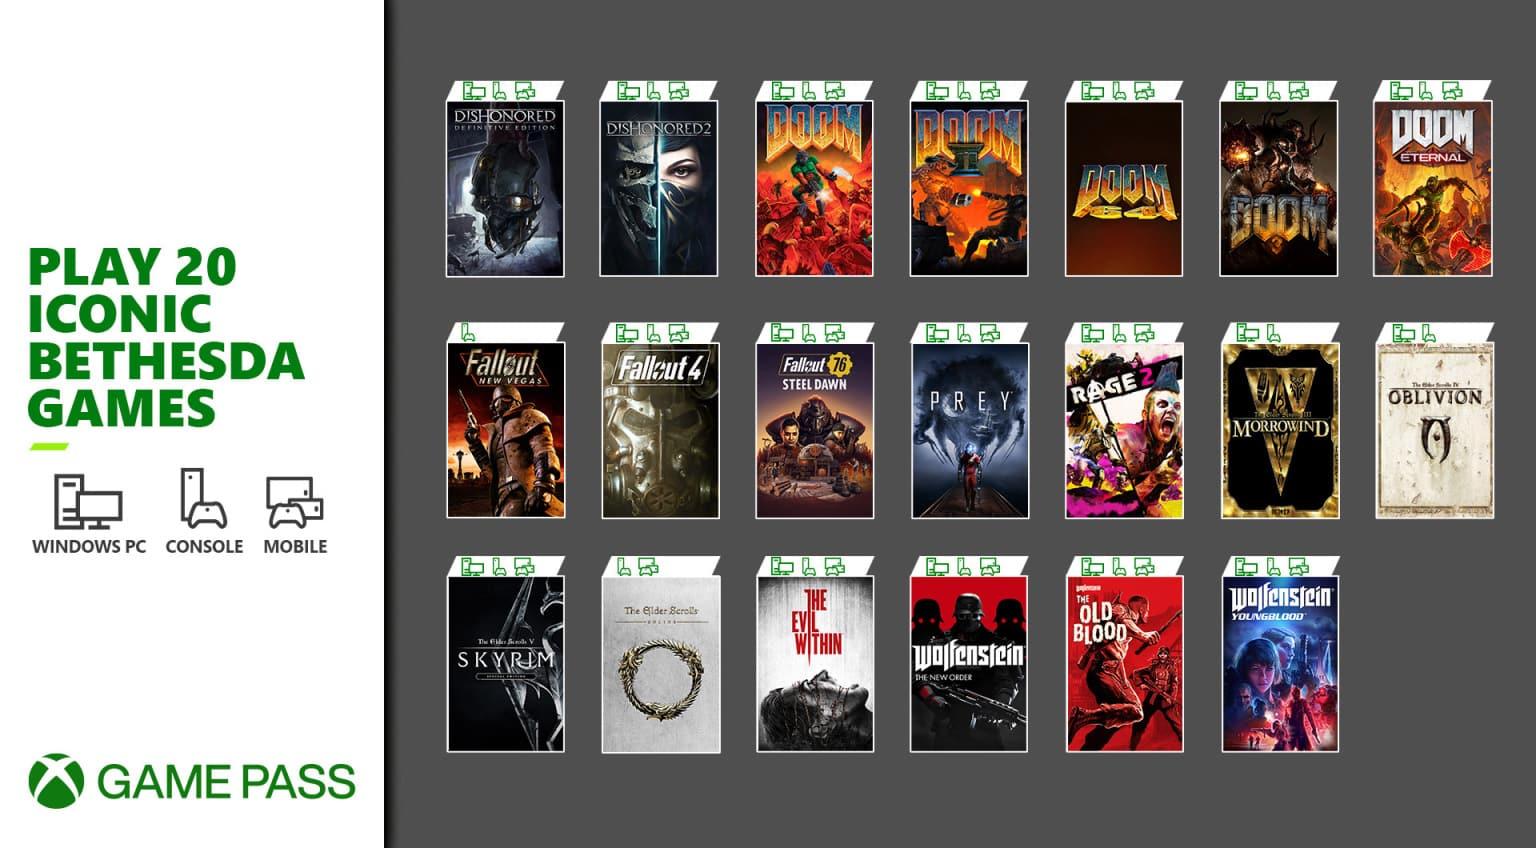 Bethesda, Doom, Microsoft, Xbox Game Pass, Dishonored, Rage, Prey, The Elder Scrolls, Wolfenstein